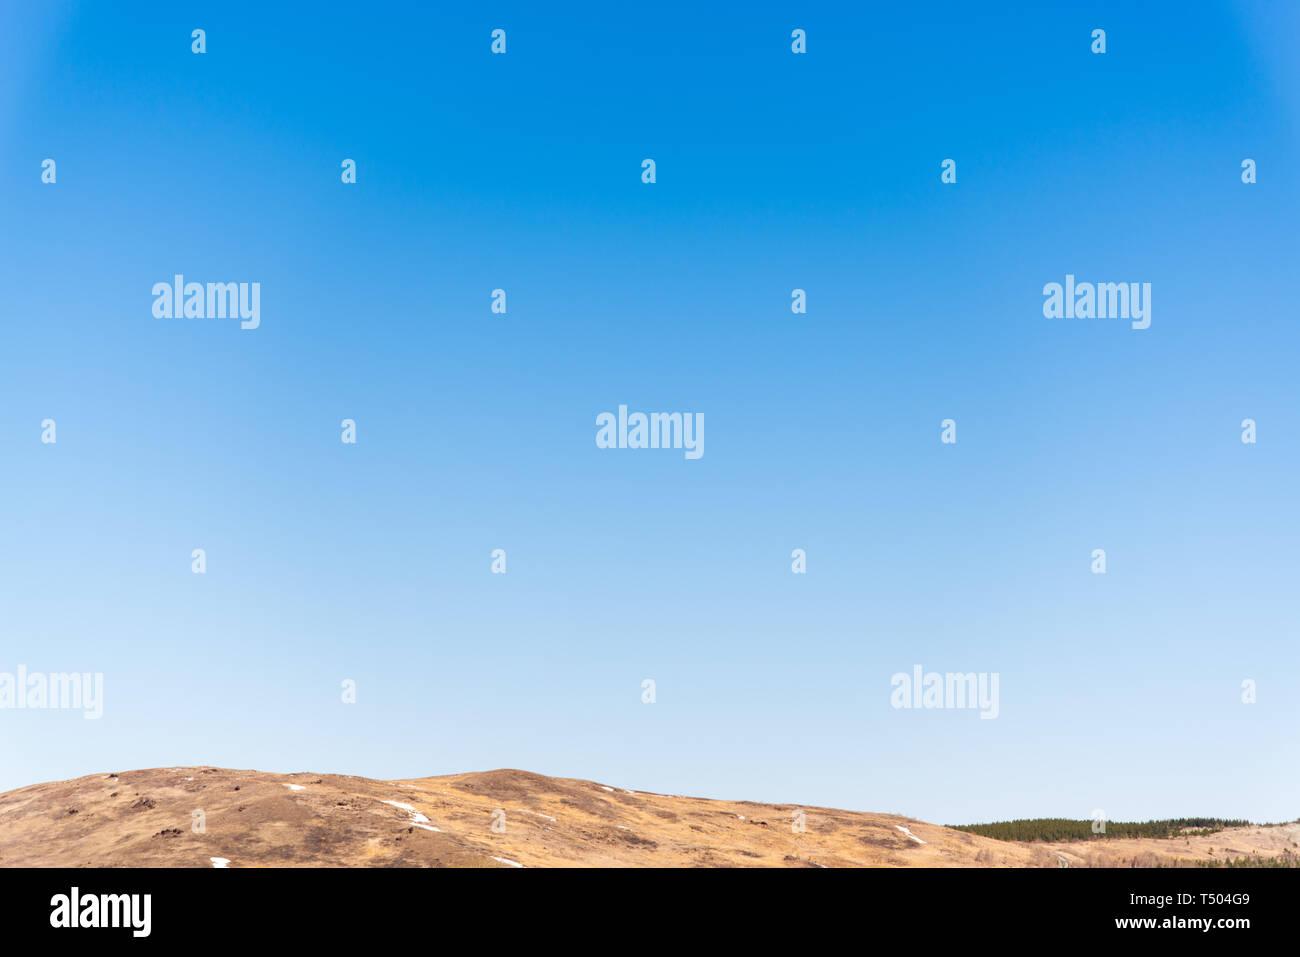 Claro cielo sin nubes, la luz azul del cielo por encima del horizonte sin nubes para el fondo. Imagen De Stock